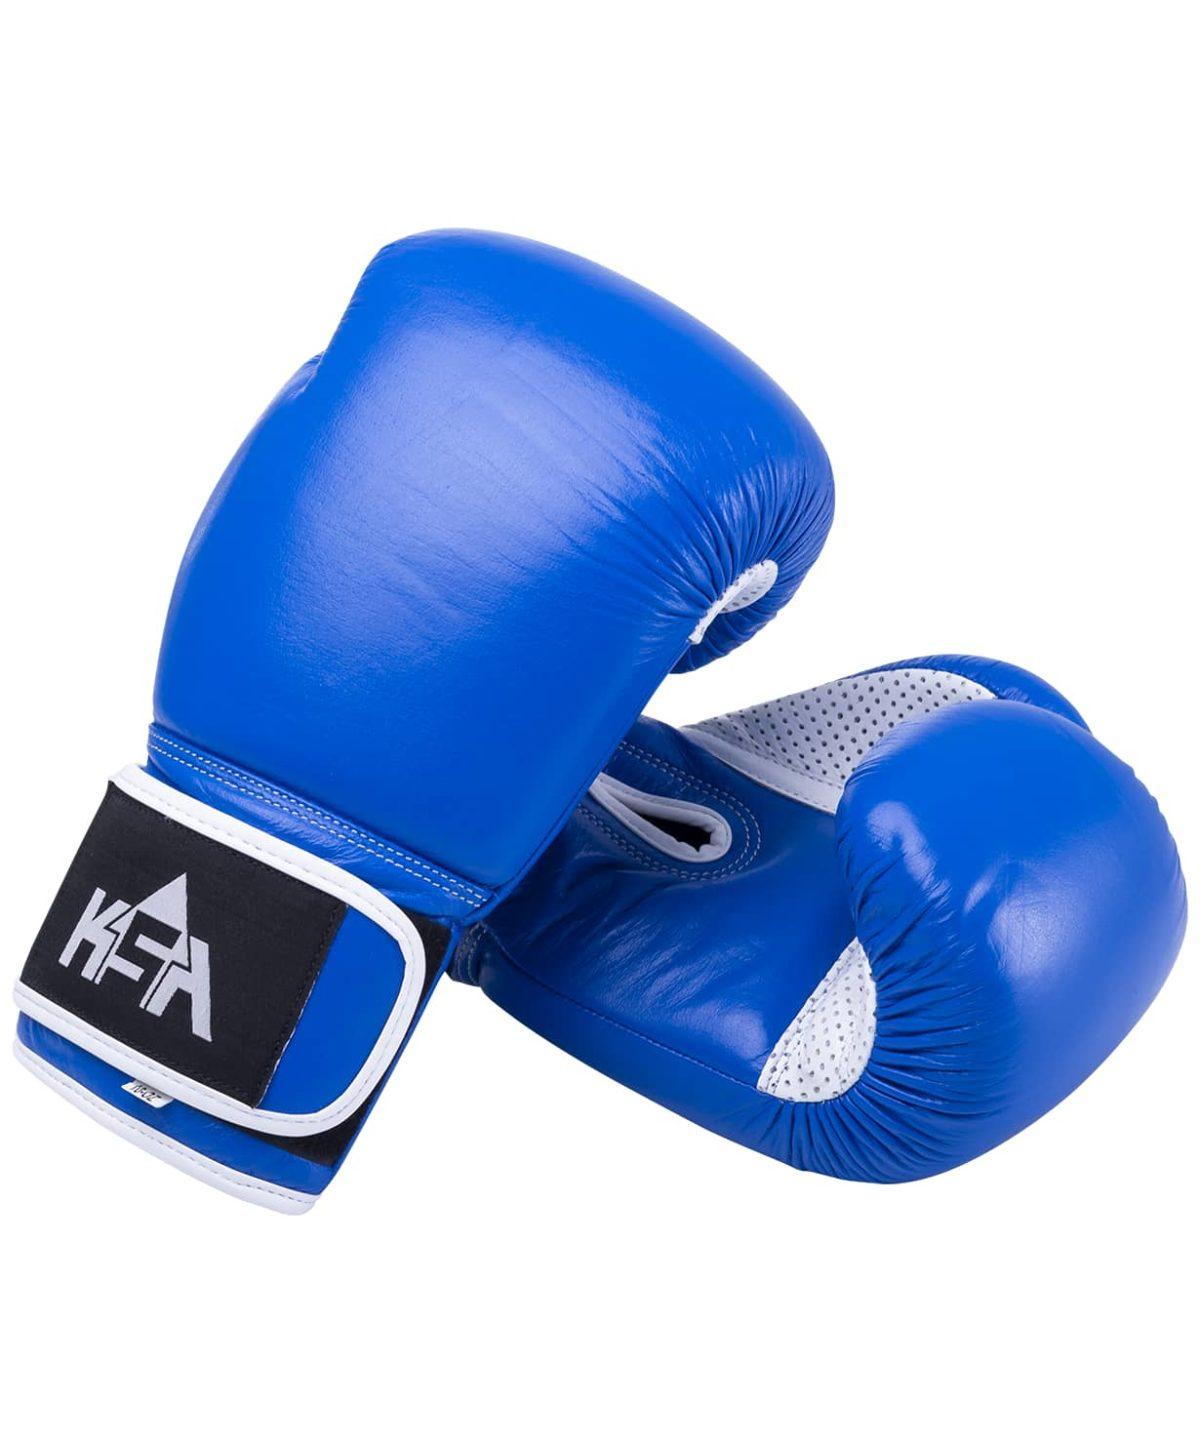 KSA Wolf Blue Перчатки боксерские, 10 oz, кожа 17830: синий - 1